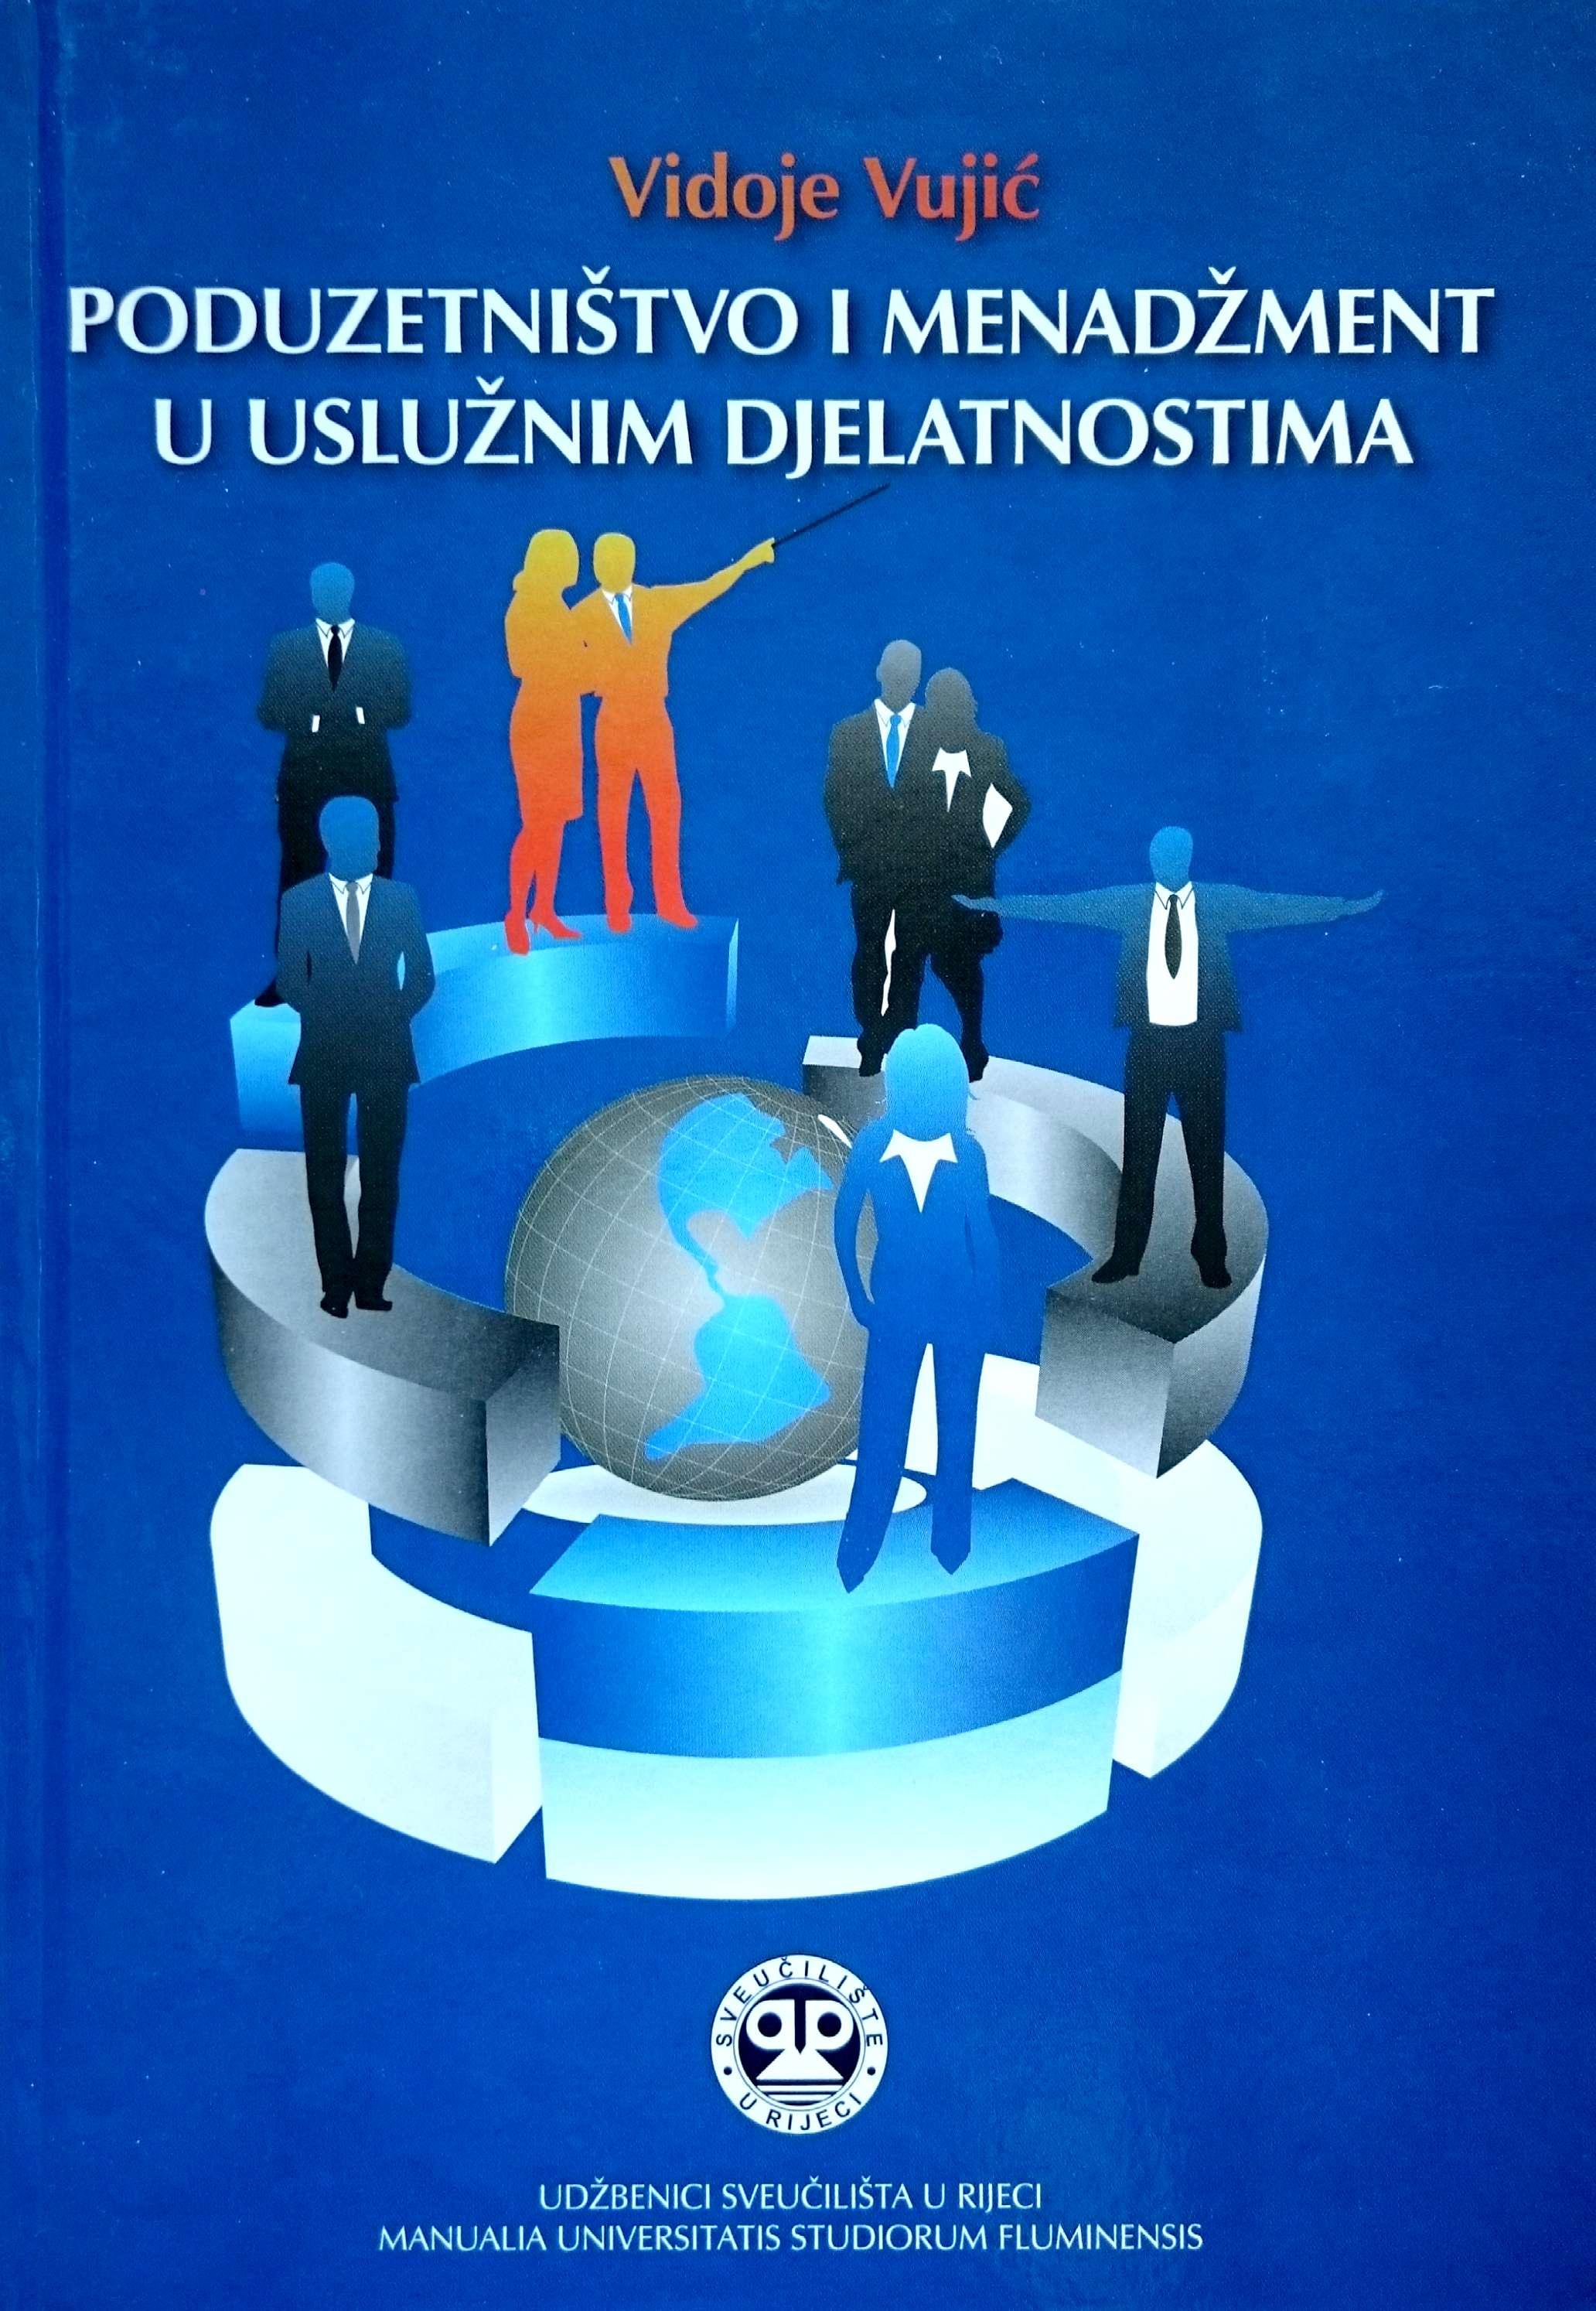 PODUZETNIŠTVO I MENADŽMENT U USLUŽNIM DJELATNOSTIMA - Naruči svoju knjigu